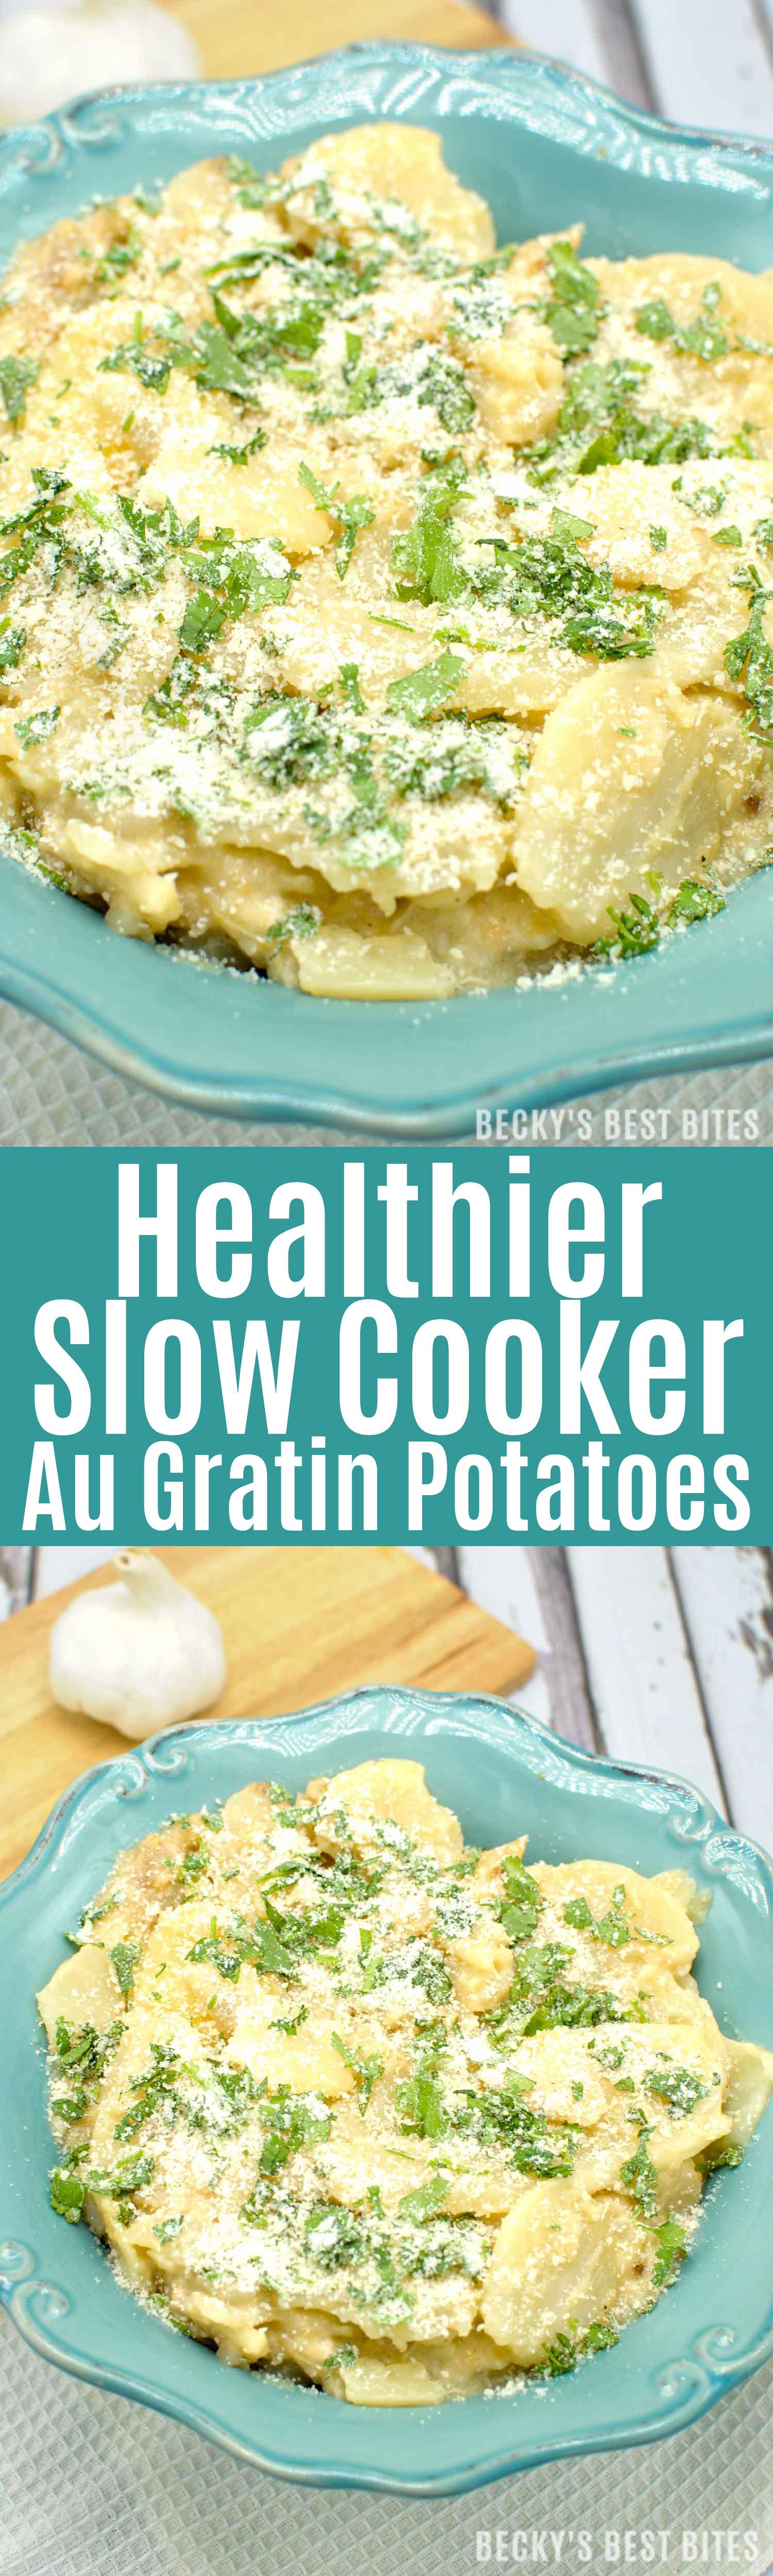 Healthy Potatoes Au Gratin  Healthier Slow Cooker Au Gratin Potatoes